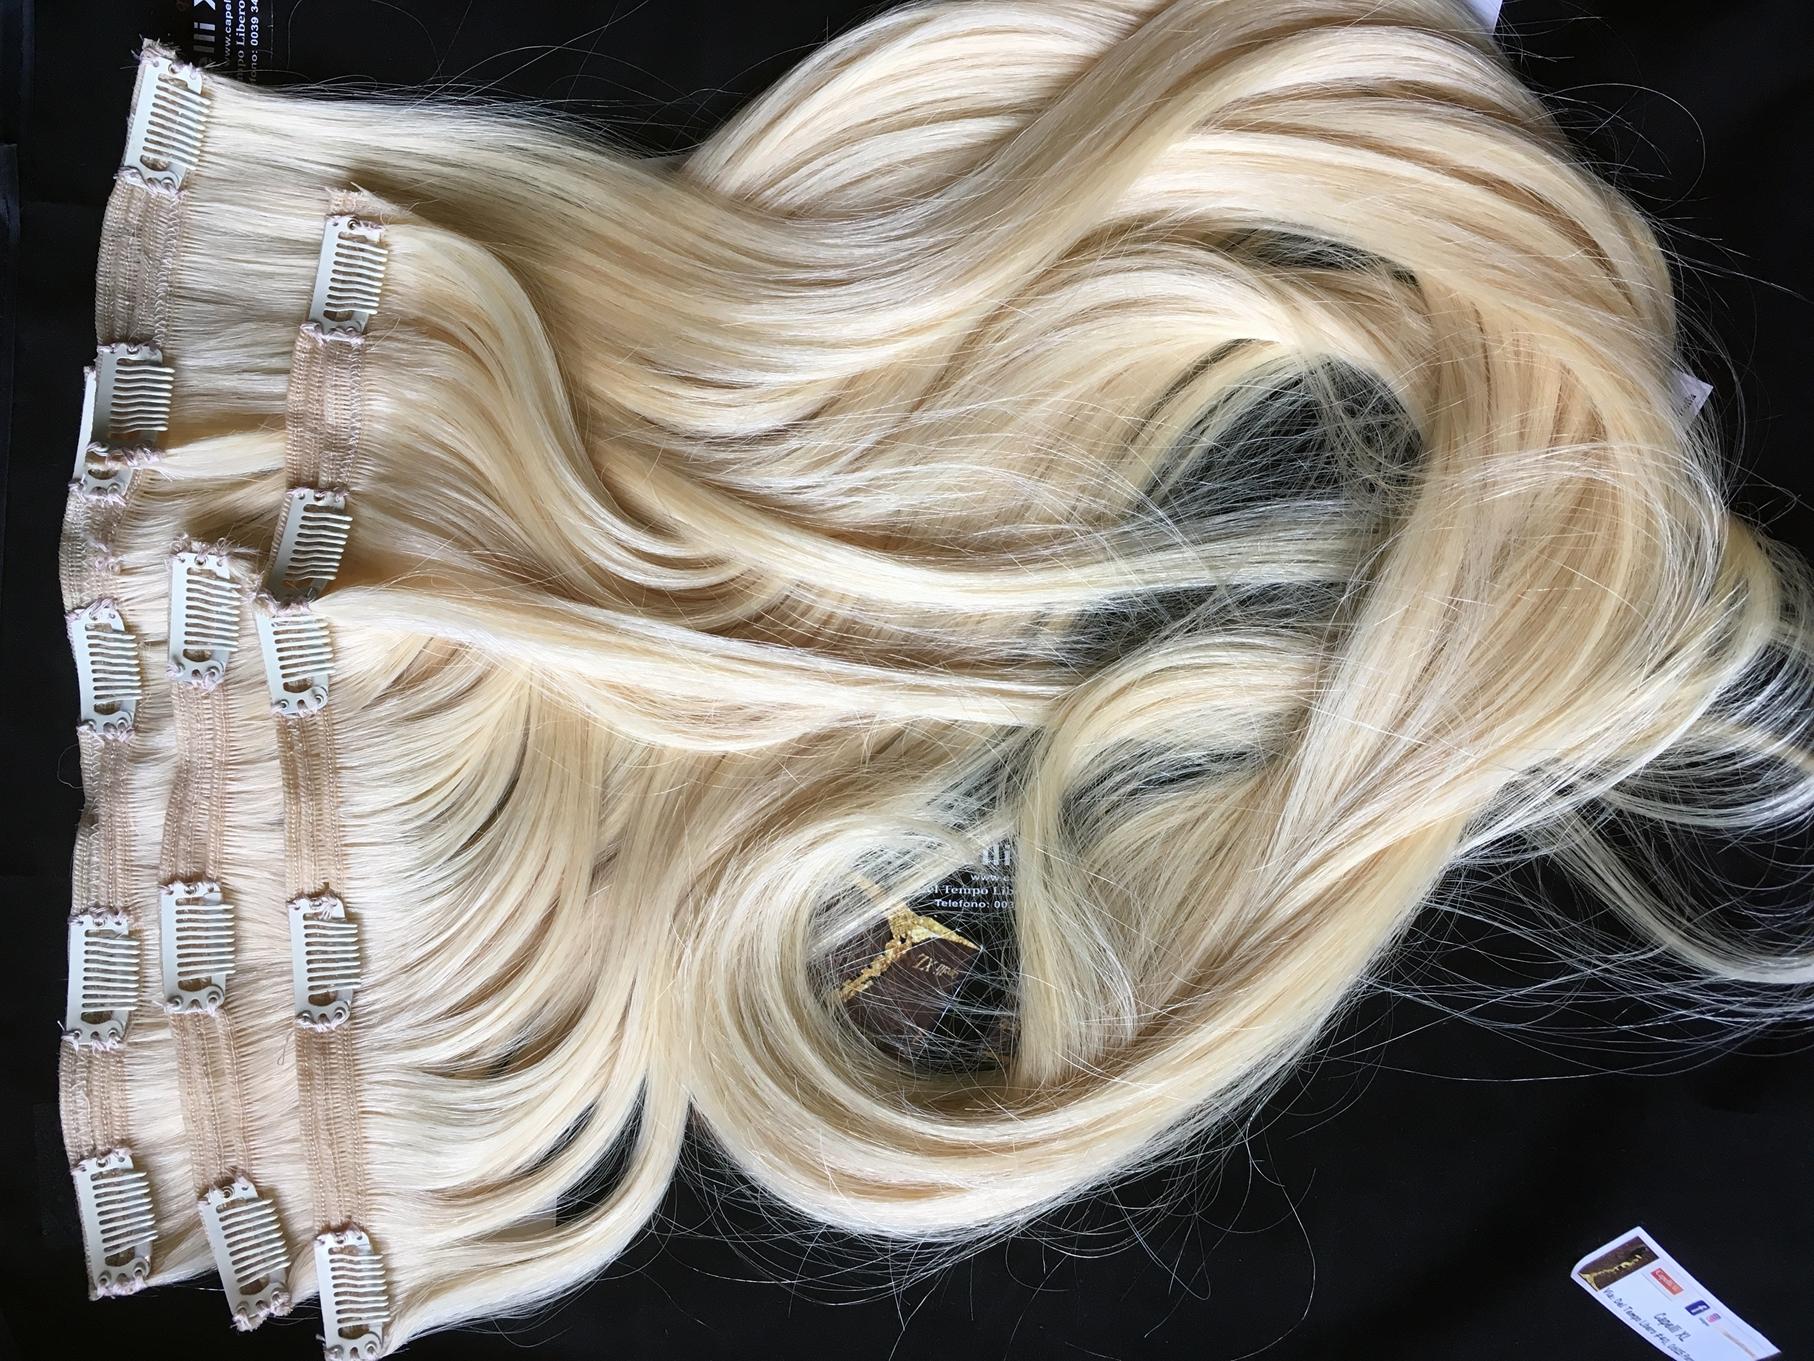 Allungamento capelli a fasce con clip per extension fai da te Capelli biondi Europei